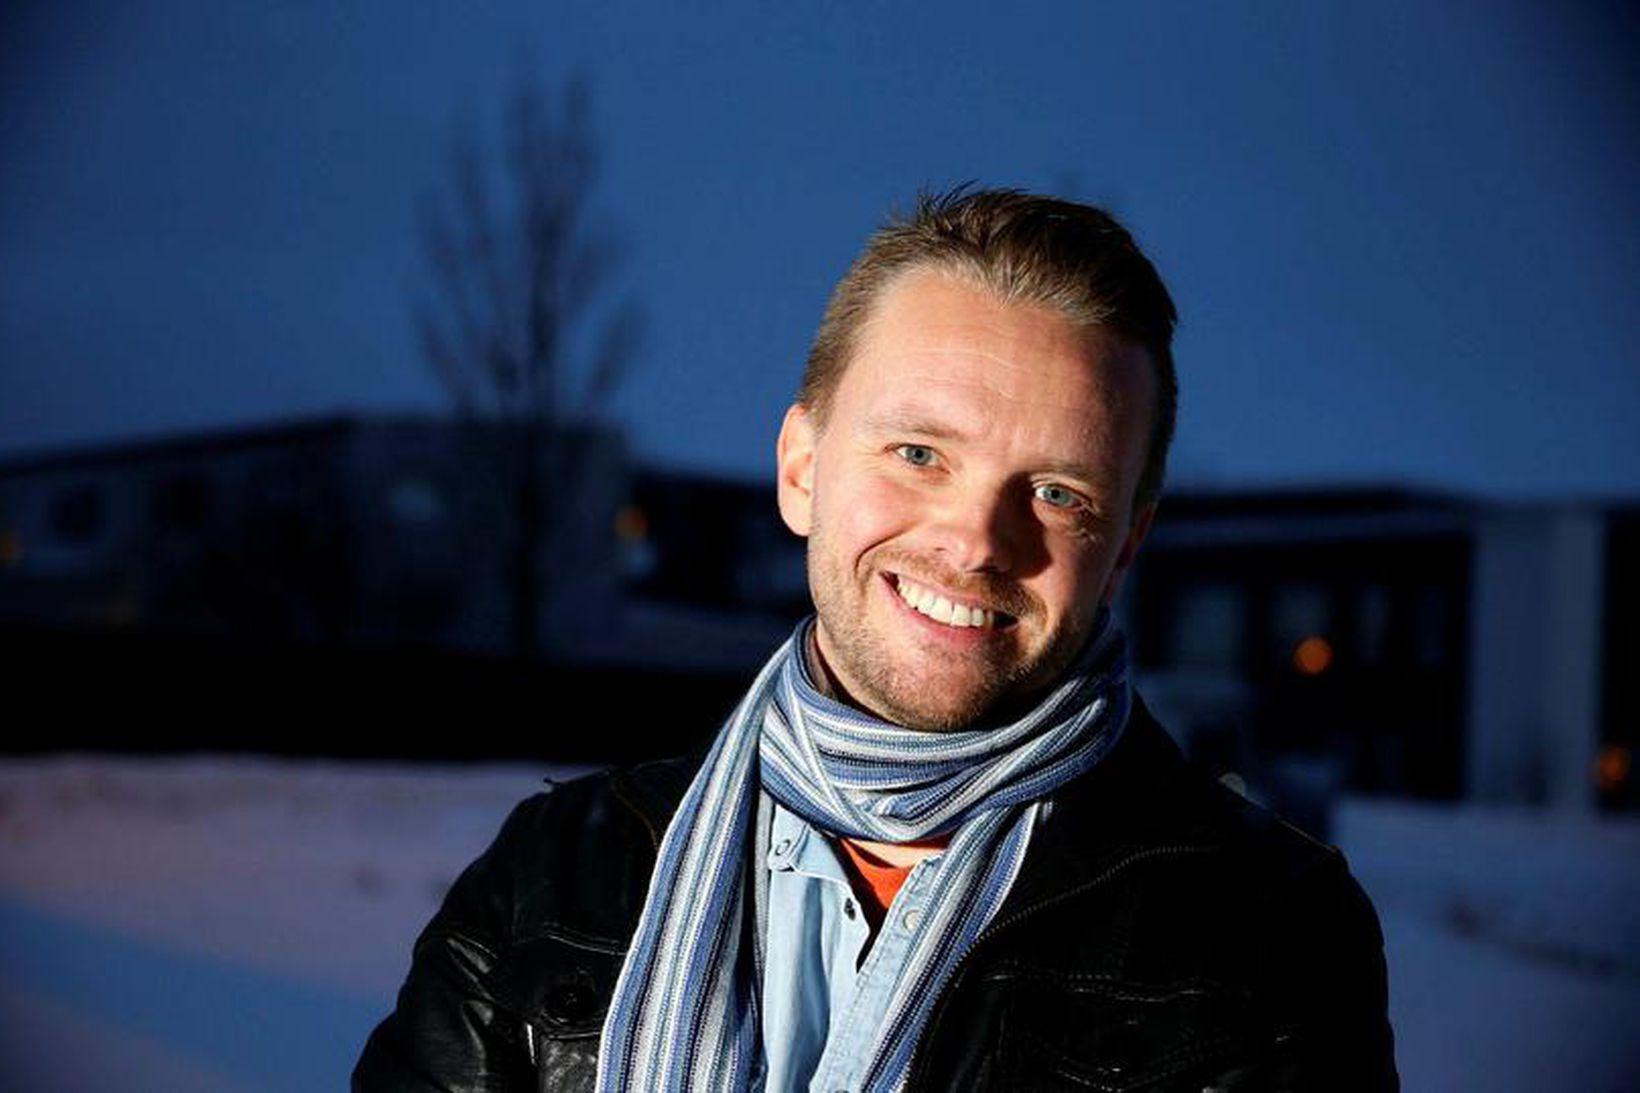 Birgir Örn Guðjónsson eða Biggi lögga eins og hann er …